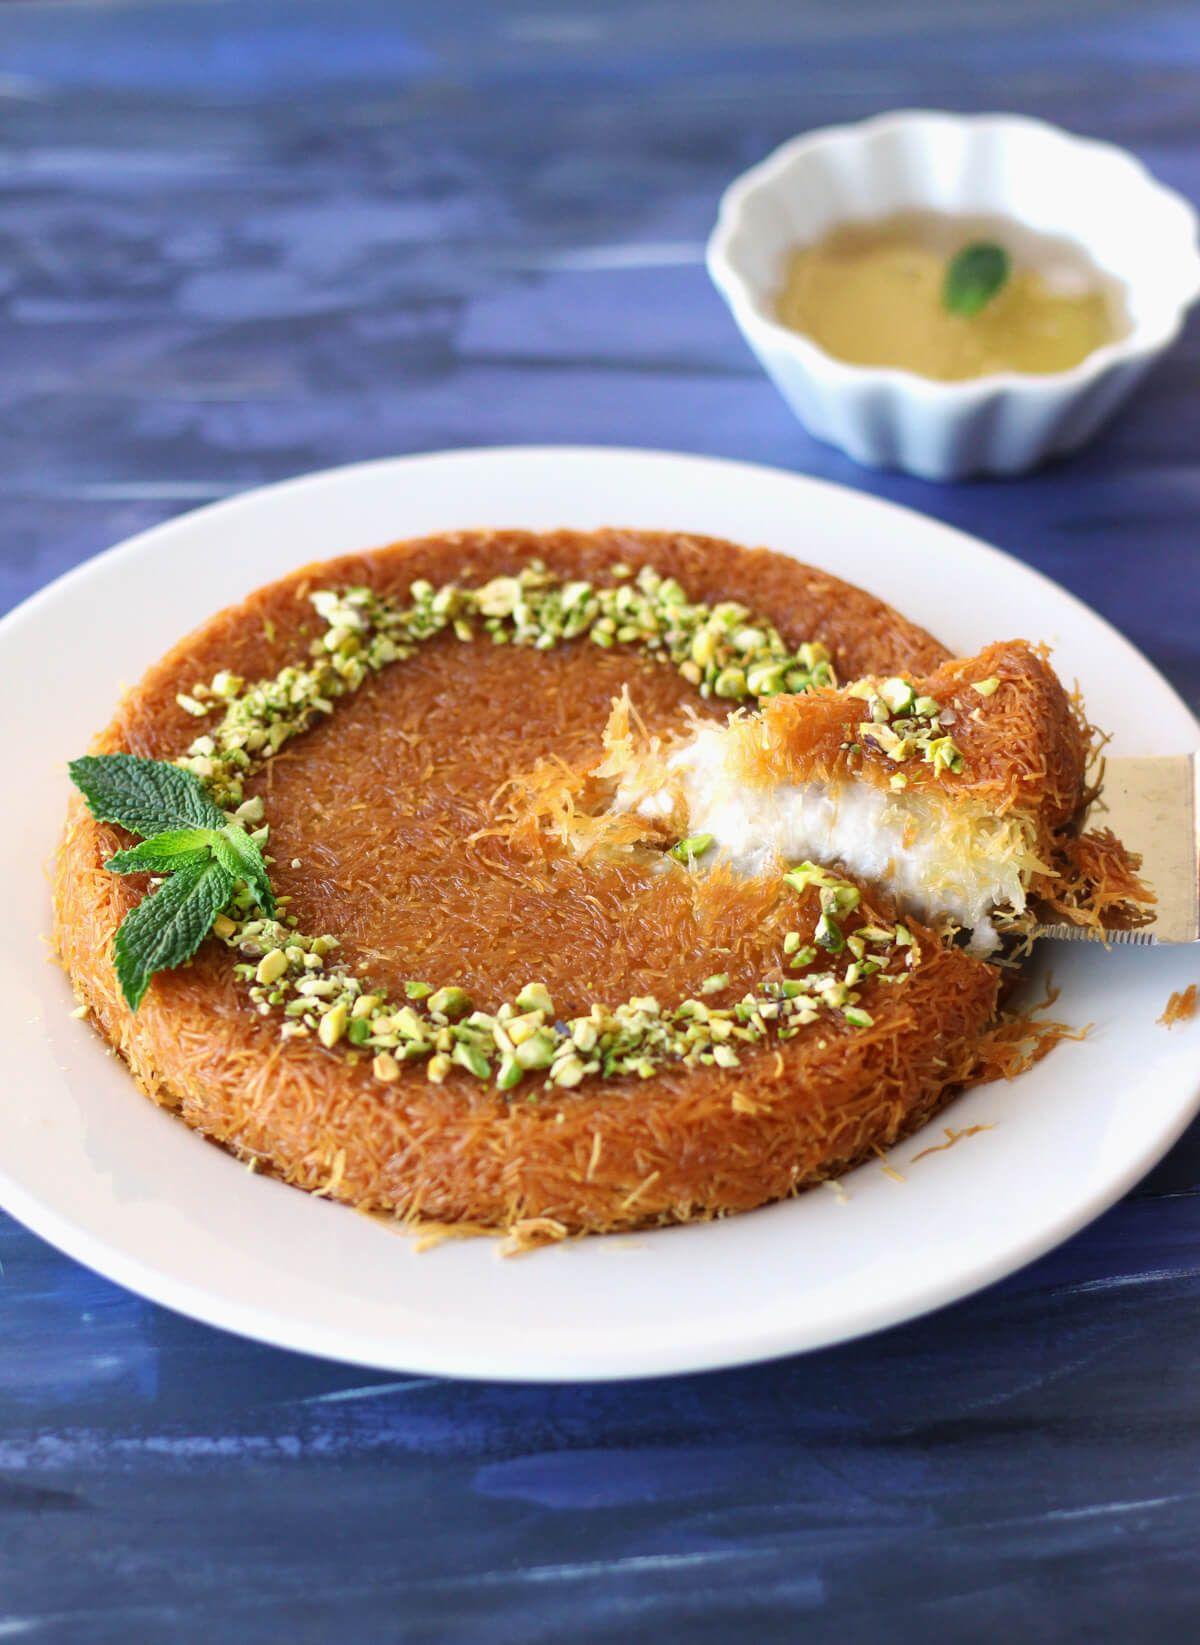 Vegan Kunafa Knafeh Shredded Phyllo And Sweet Cheese Dessert